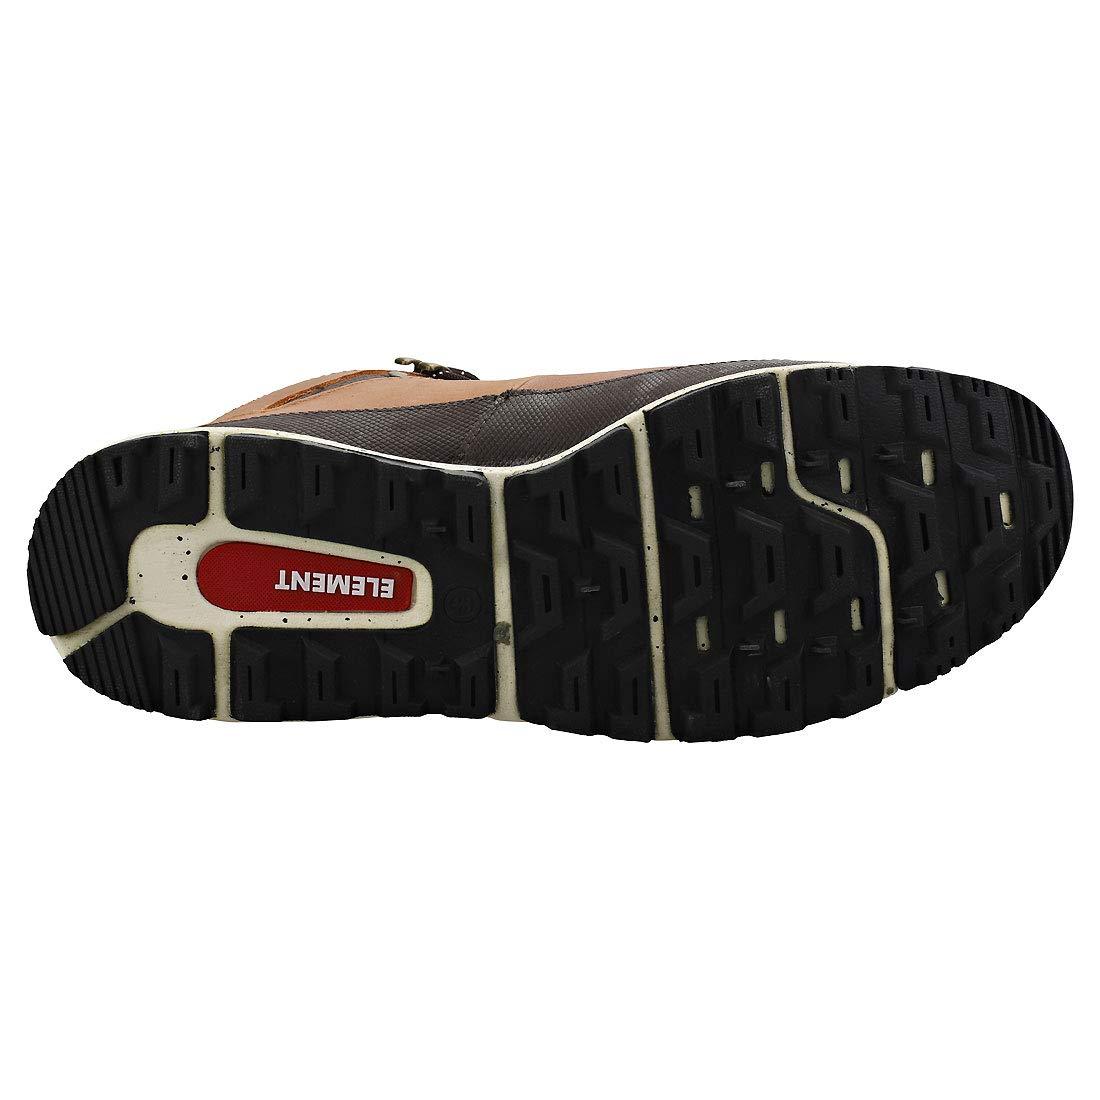 Element Herren Herren Herren Donnelly schwarz grau Outdoor Fitnessschuhe B07DPP3NTL  57f733